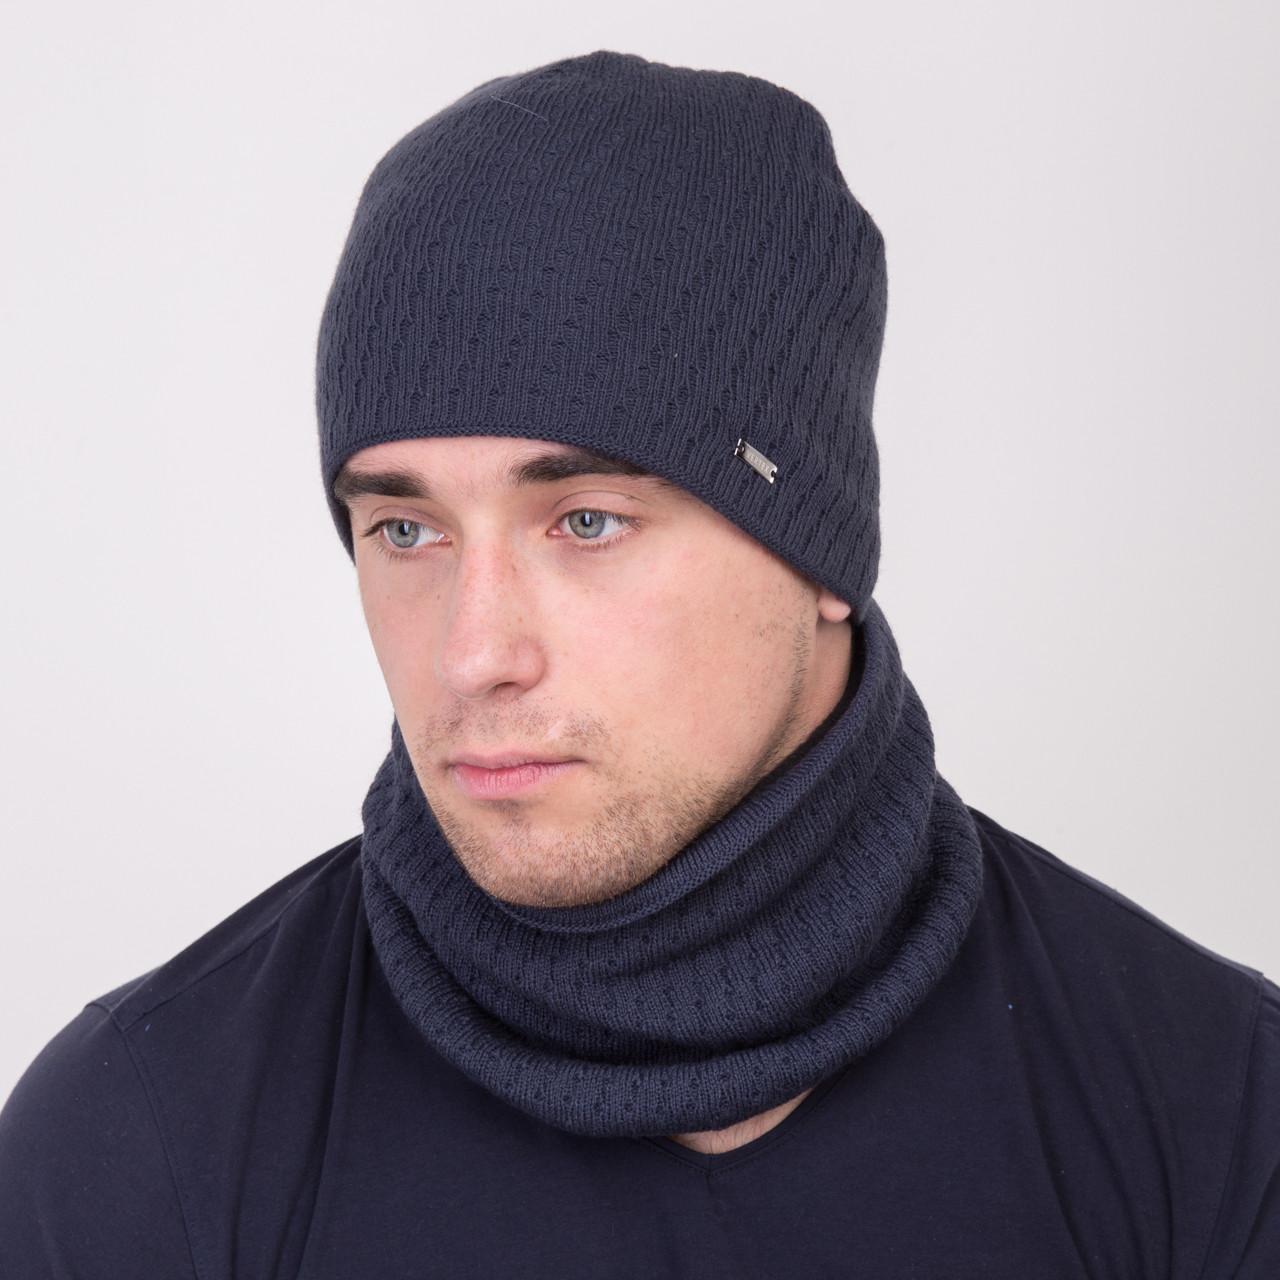 Вязанный мужской комплект на зиму (шапка и хомут) - Артикул 2164 (светло-синий)